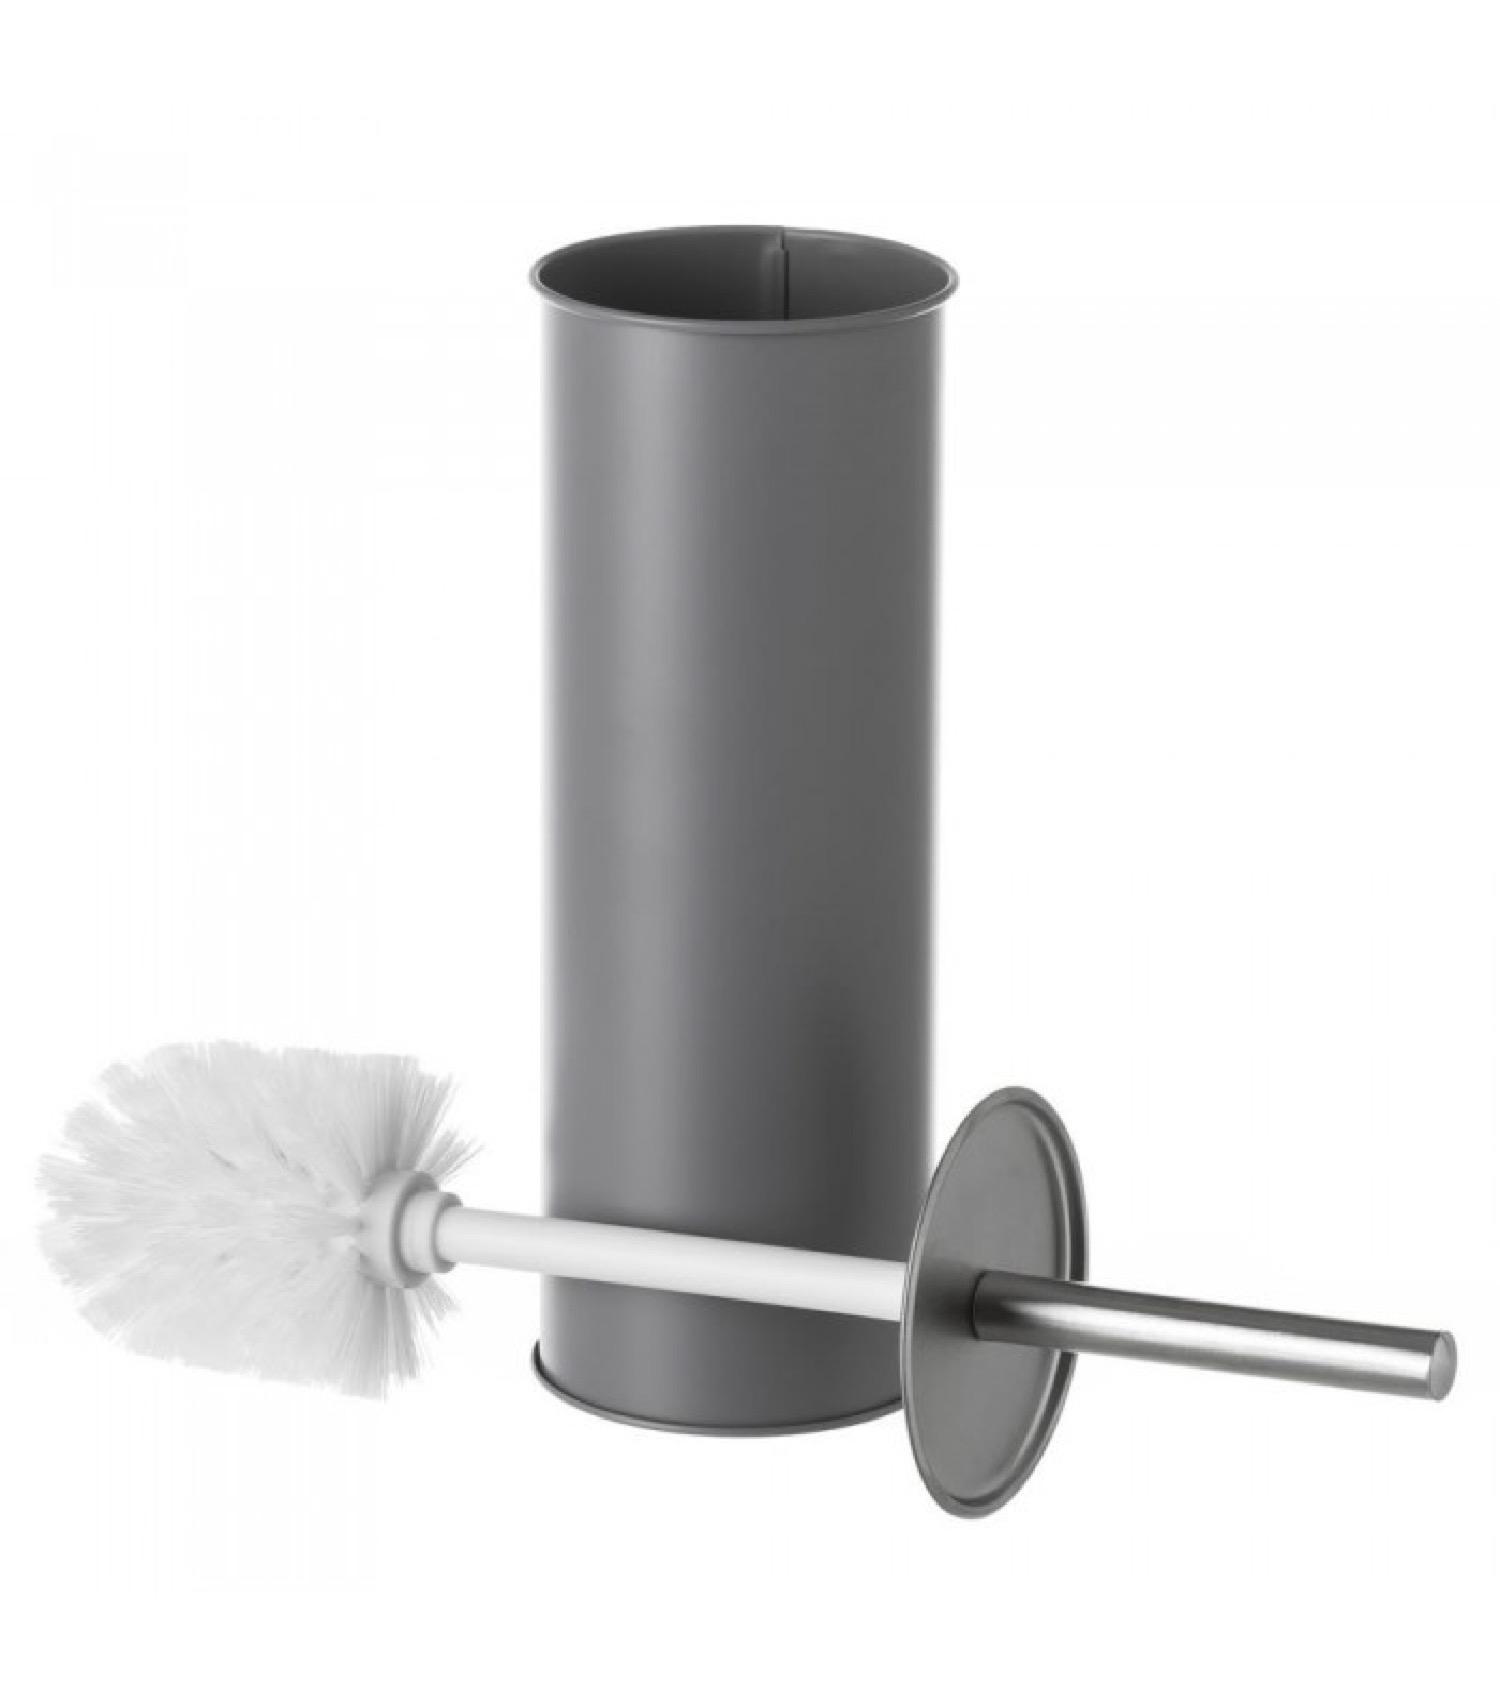 Balai brosse WC en métal gris